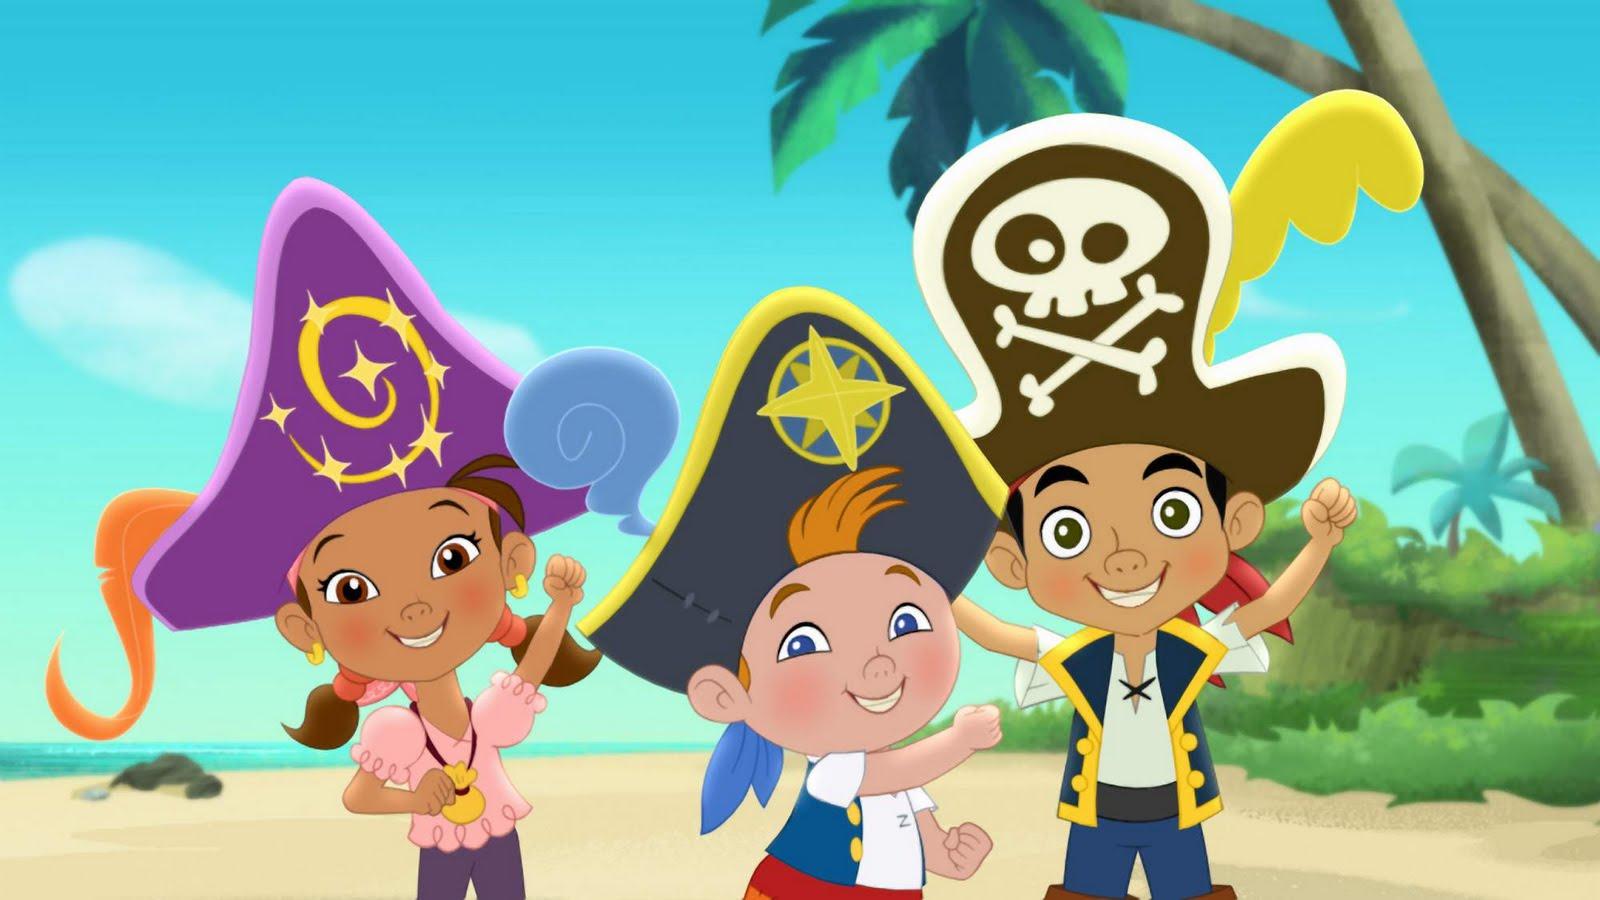 Jake y los piratas del pais de nunca jamas: Dibujos de Jake y los ...